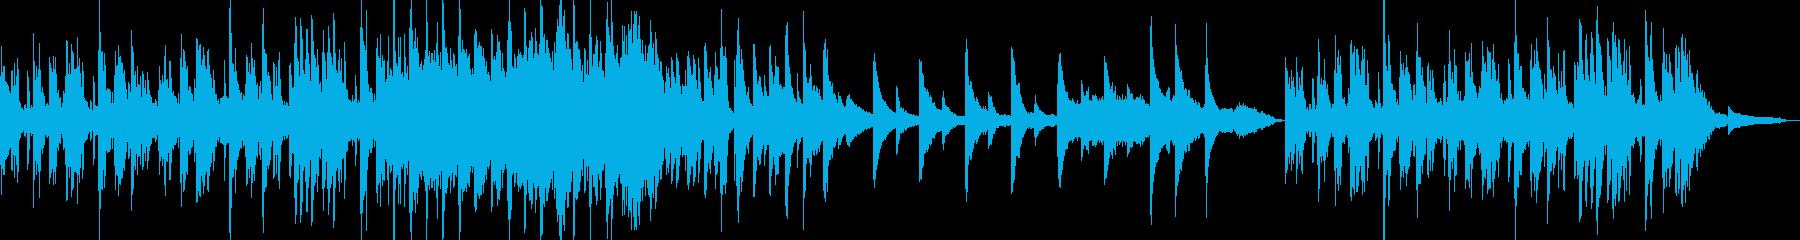 不思議で怪しい雰囲気のBGMの再生済みの波形